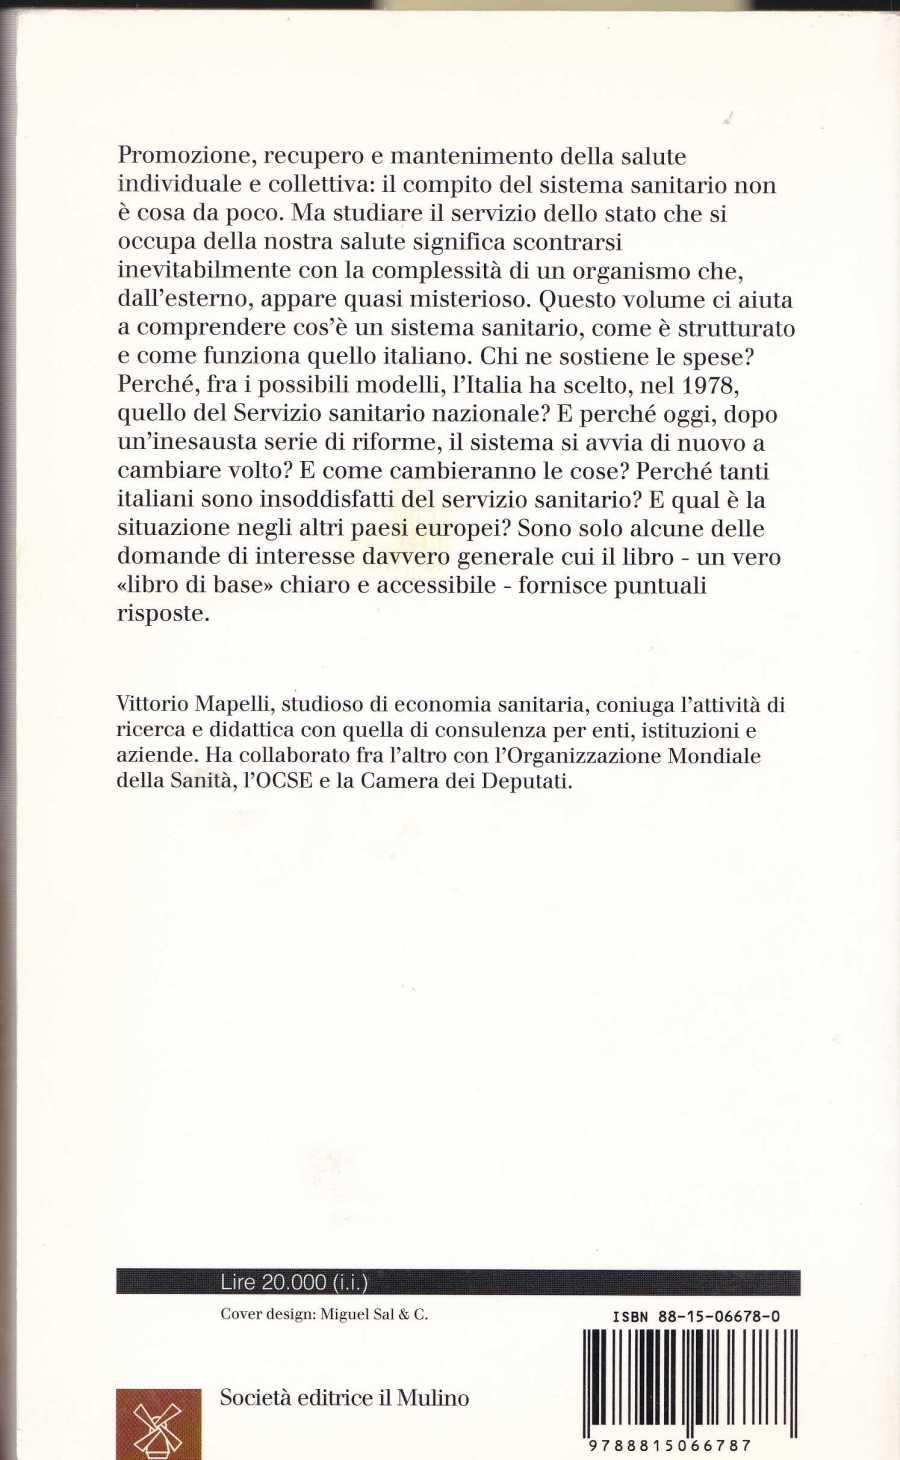 mapeklli1474